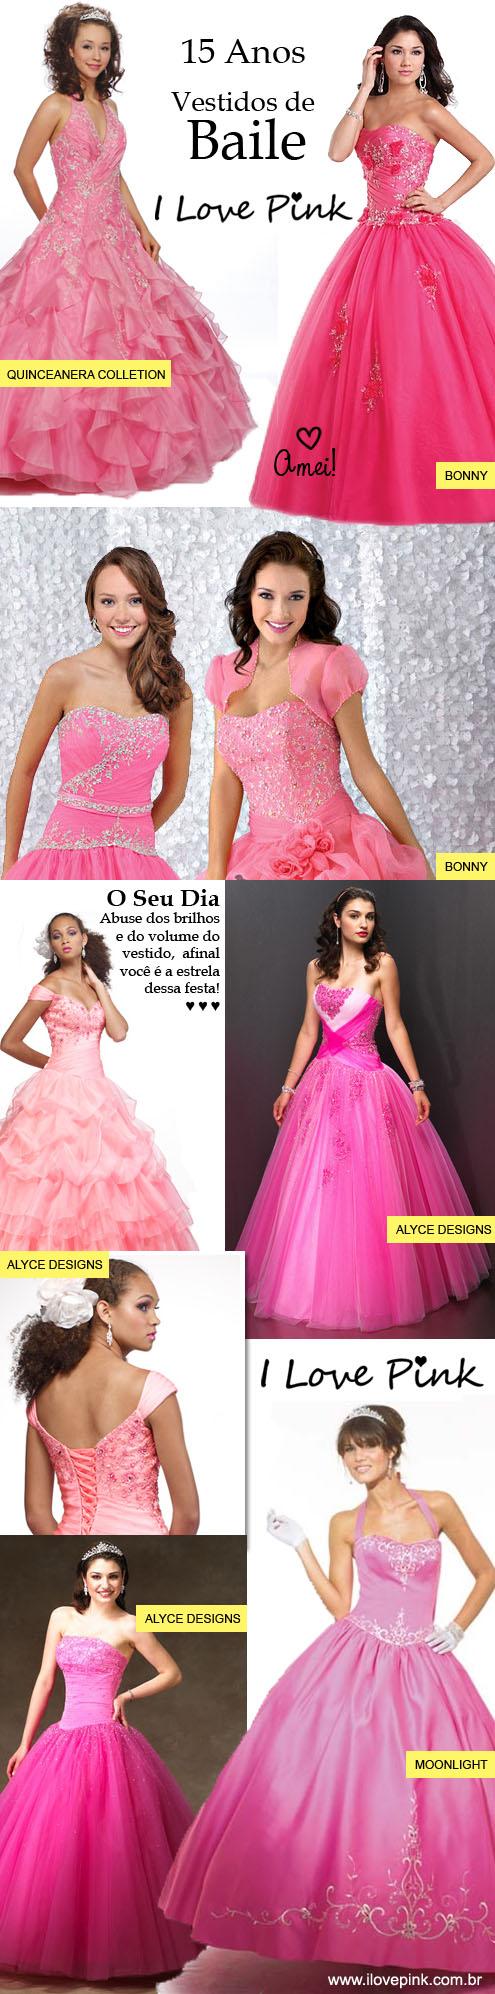 Vestidos cor de rosa de festa de 15 anos